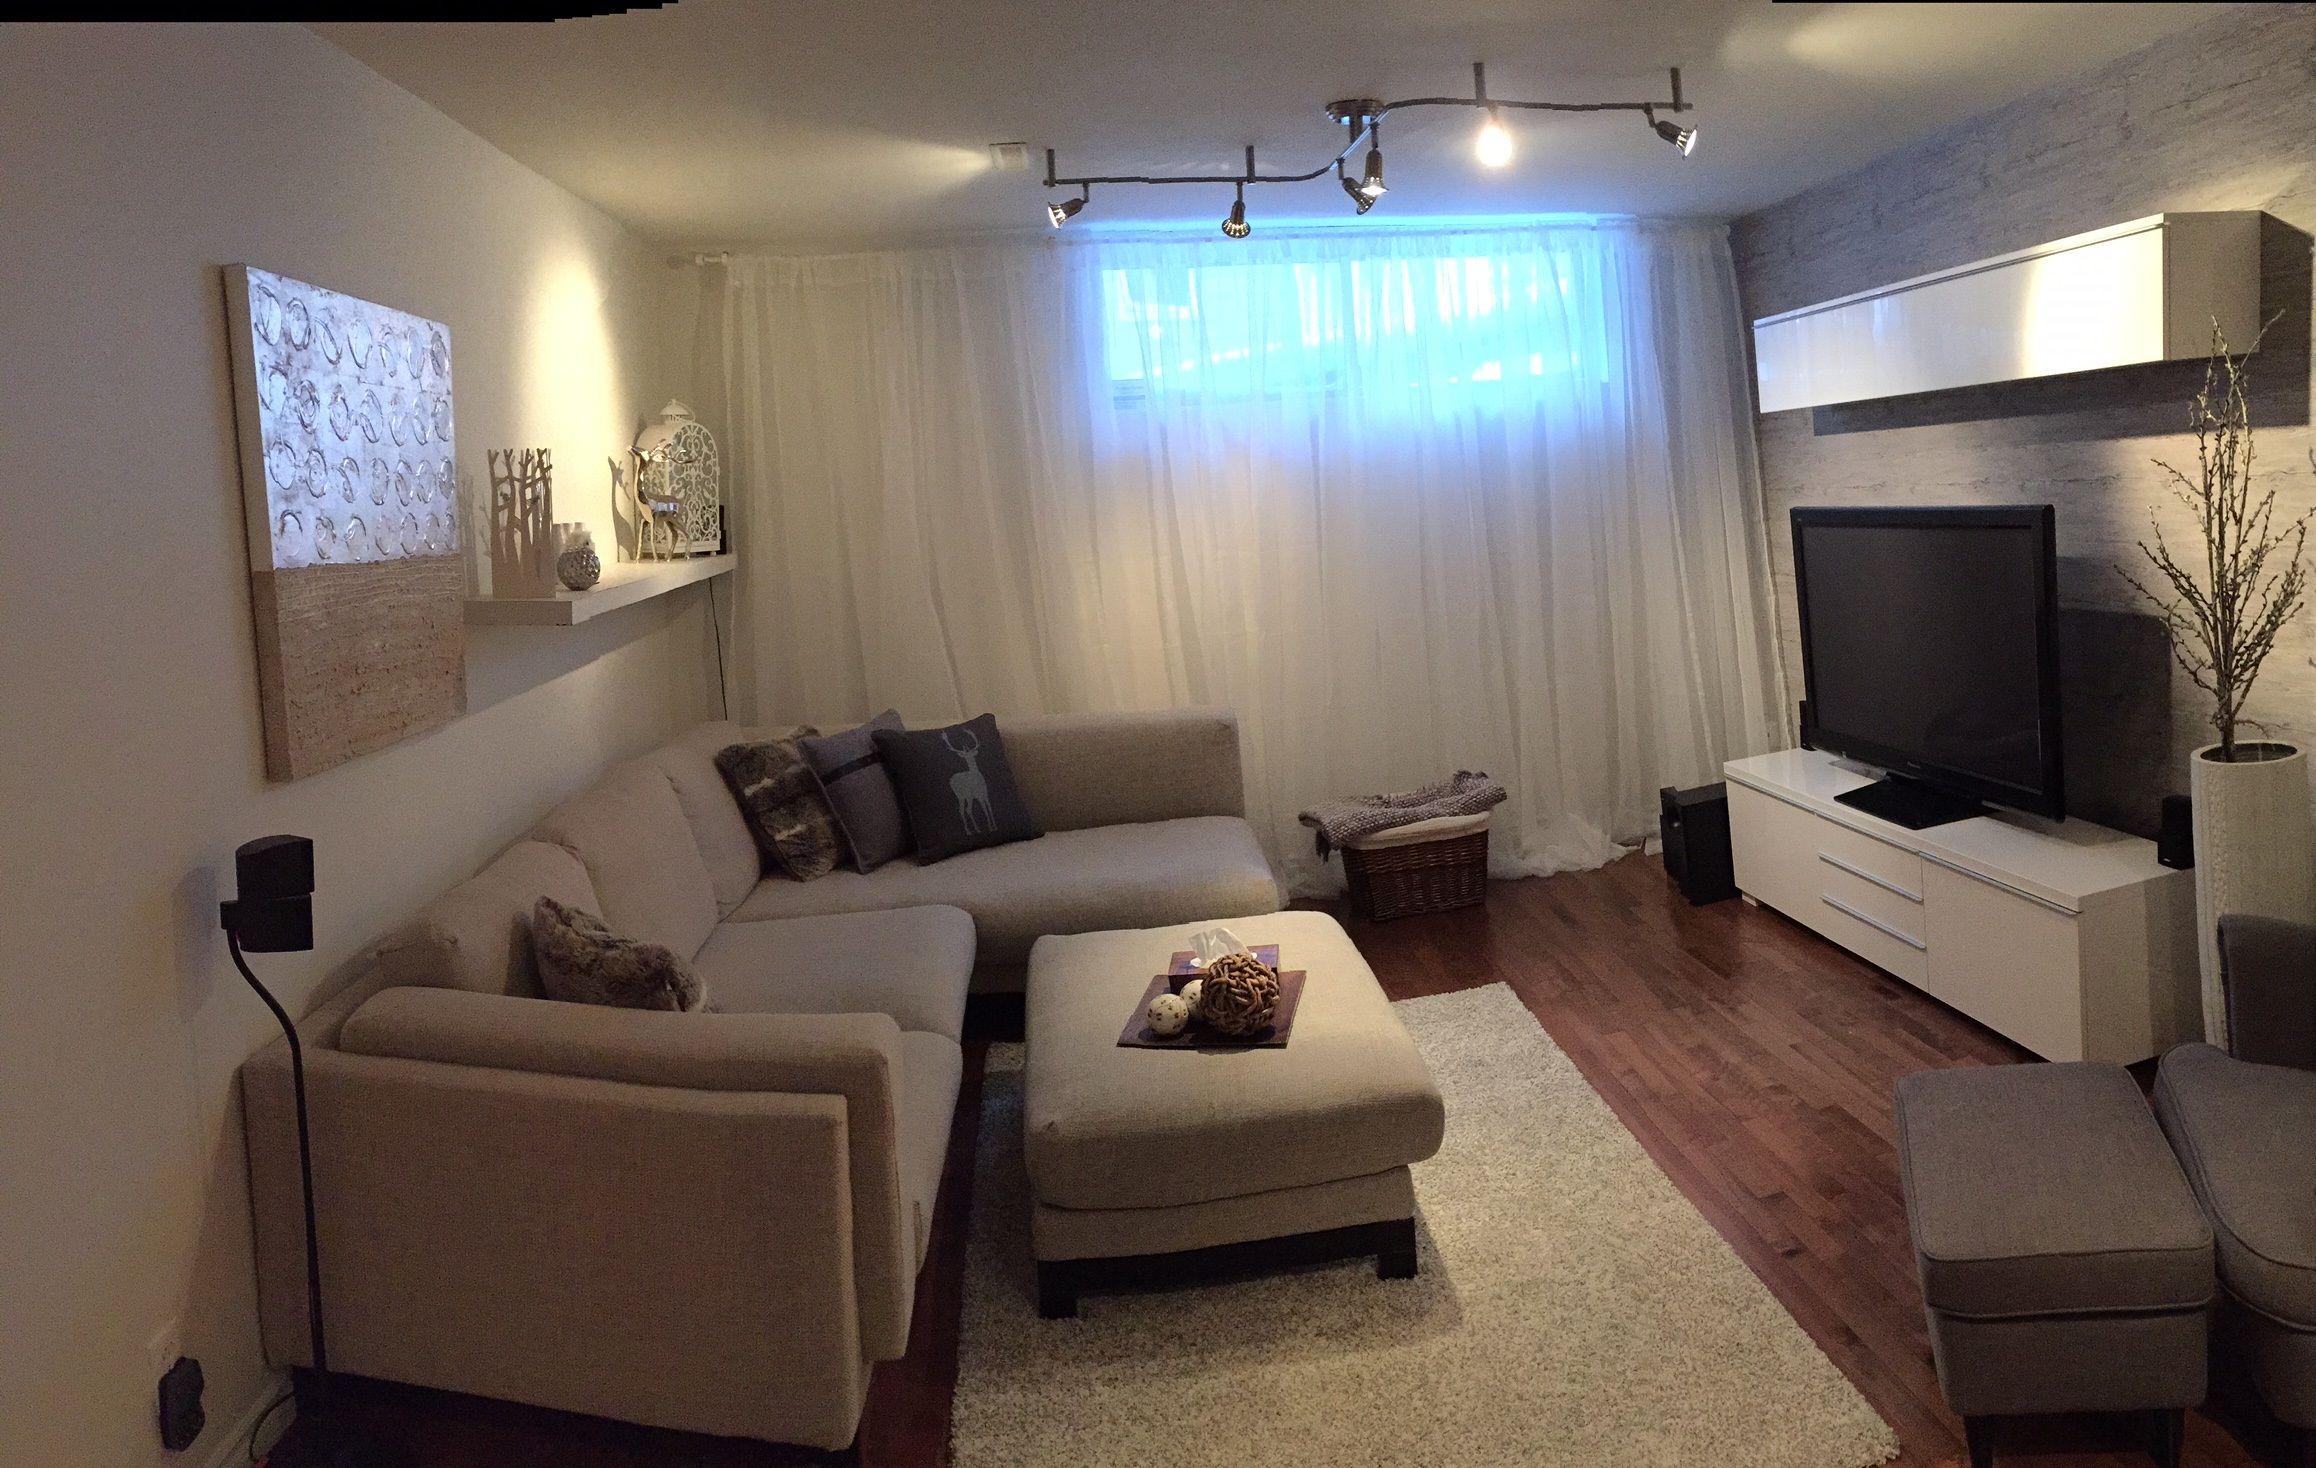 Salle familiale au sous-sol de style chalet chic  Appartement